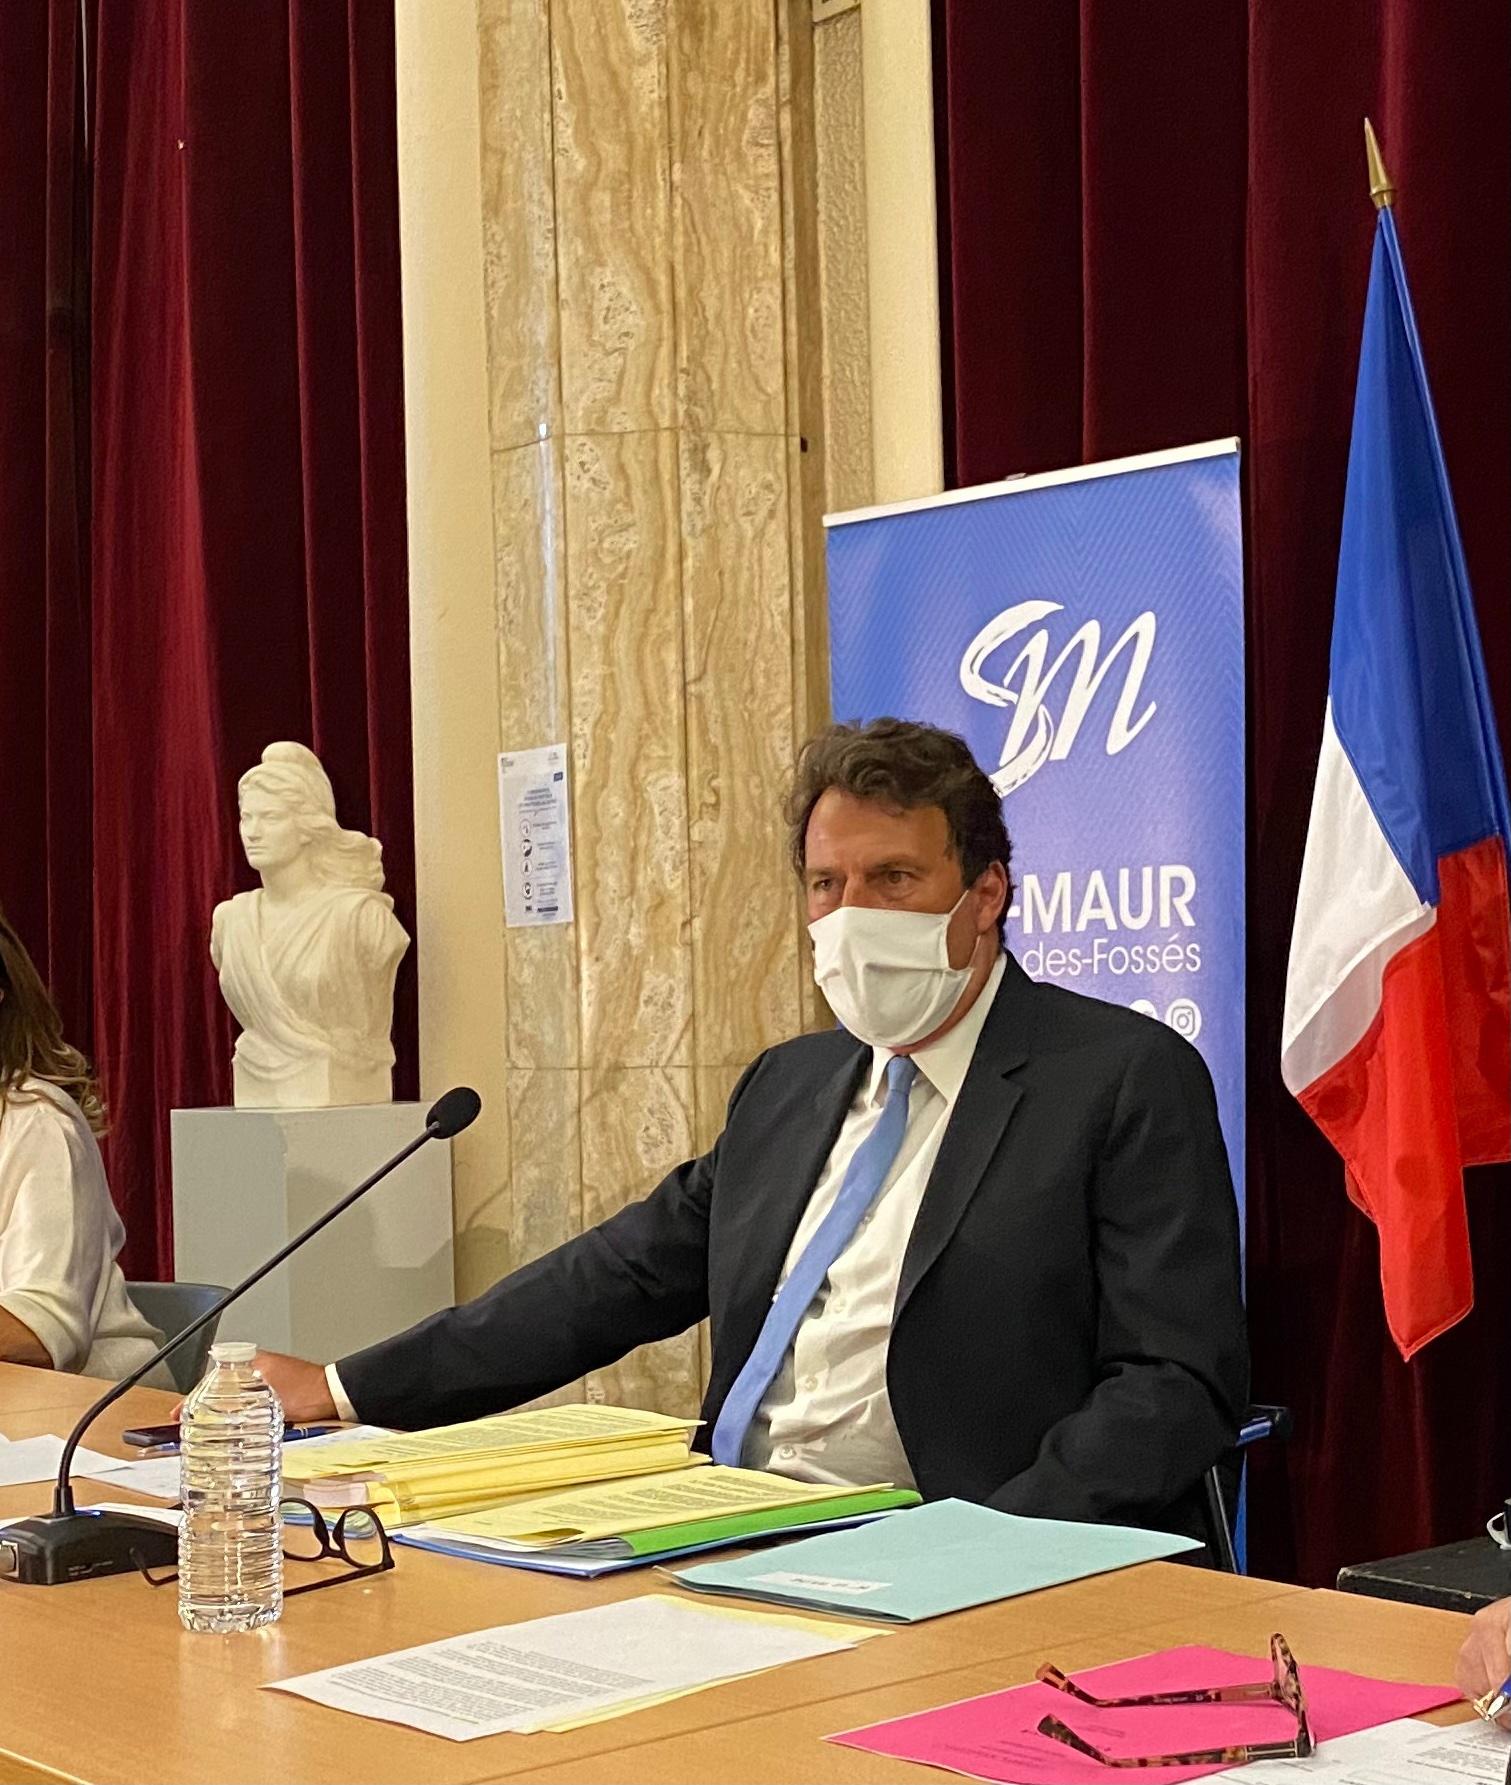 Le Préfet du Val-de-Marne a suivi les injonctions du gouvernement et sanctionné les communes du département qui n'ont pas atteint le quota de 25% de logements sociaux.